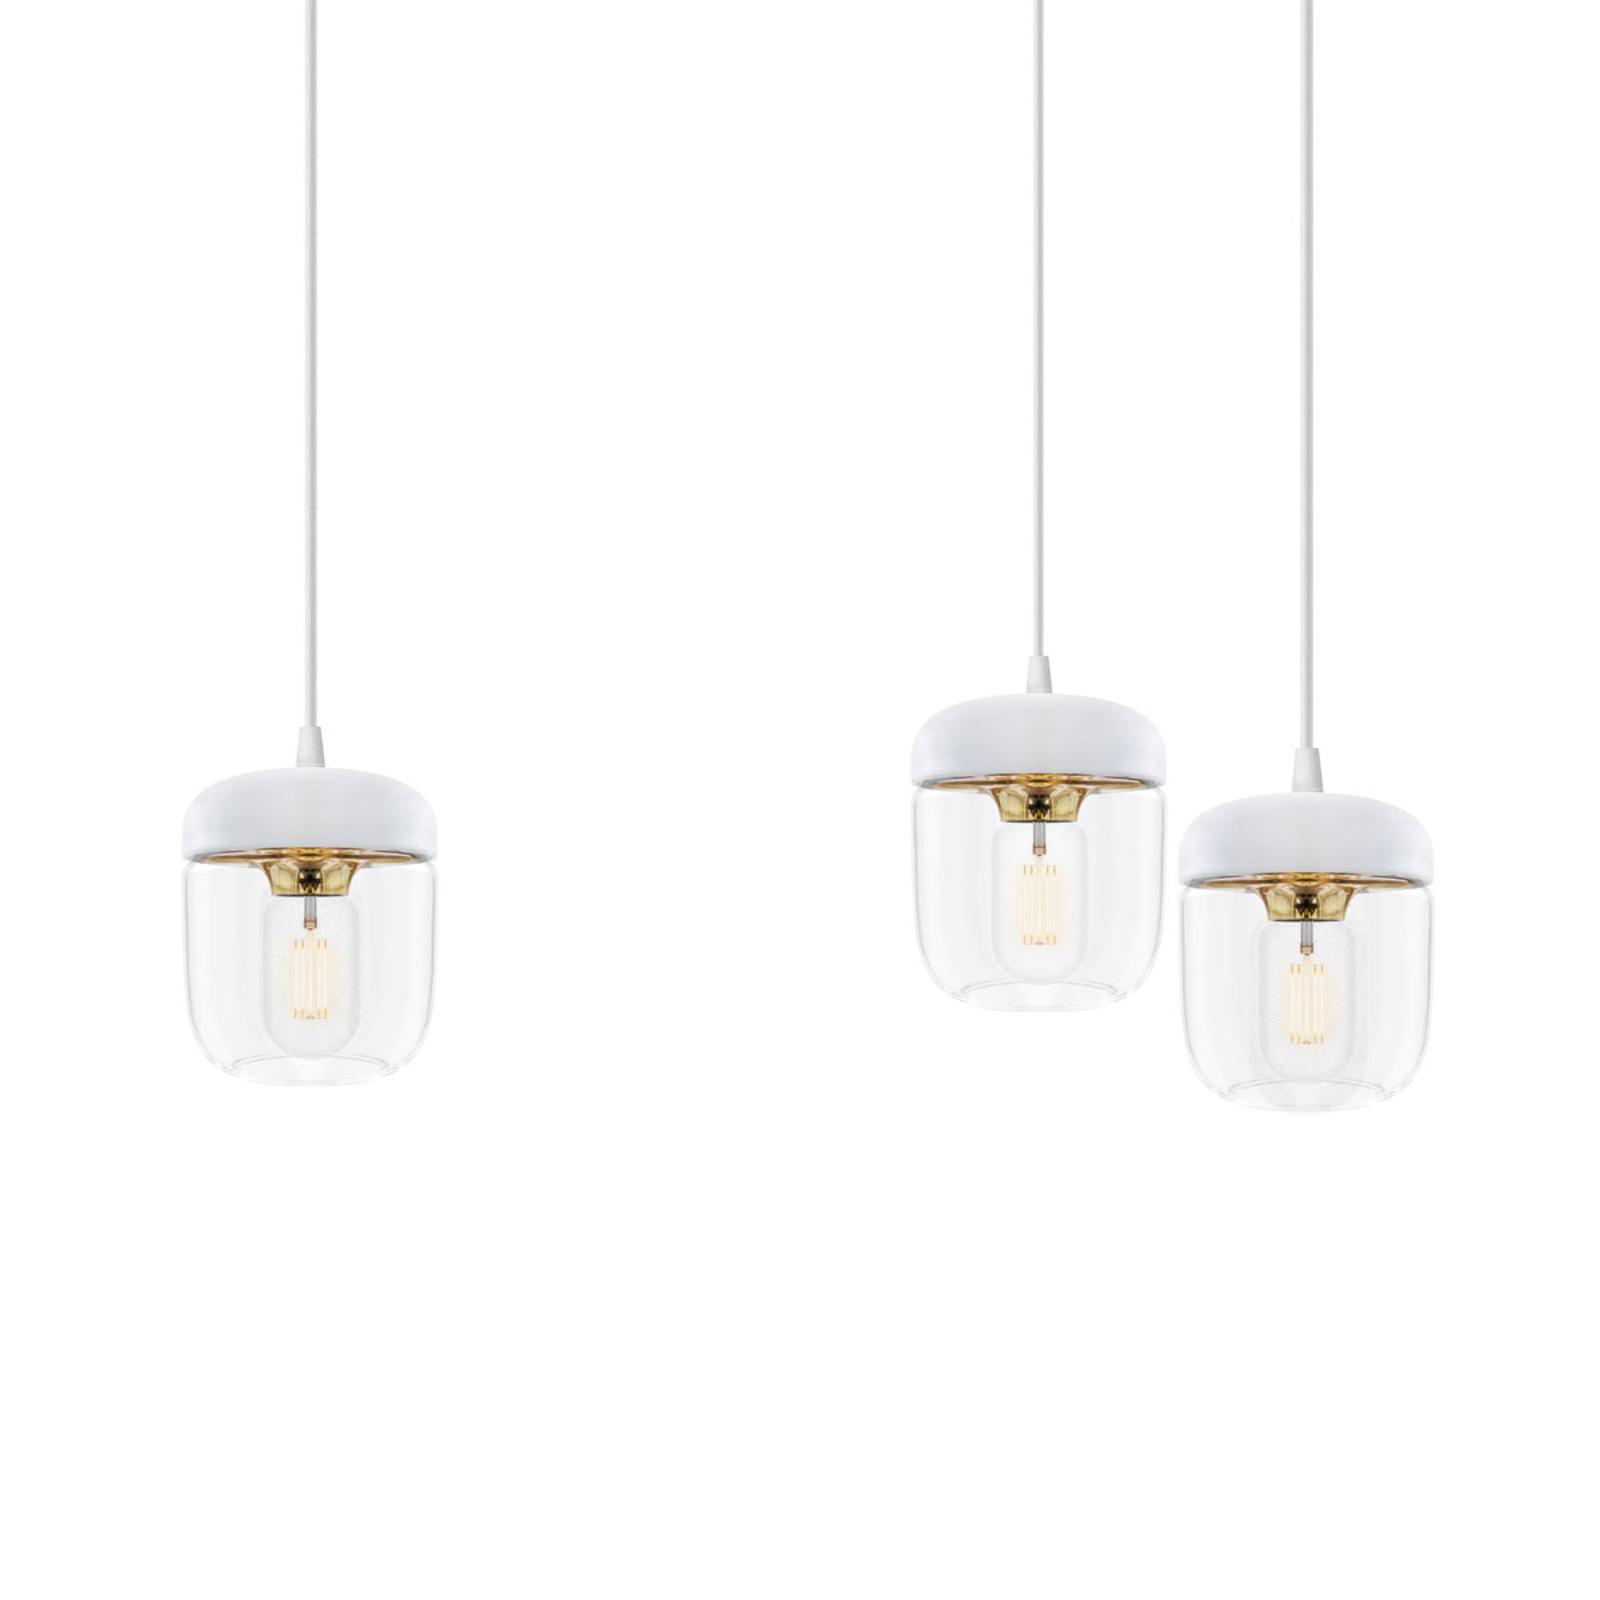 UMAGE Acorn hanglamp, 3 lampen, wit/messing